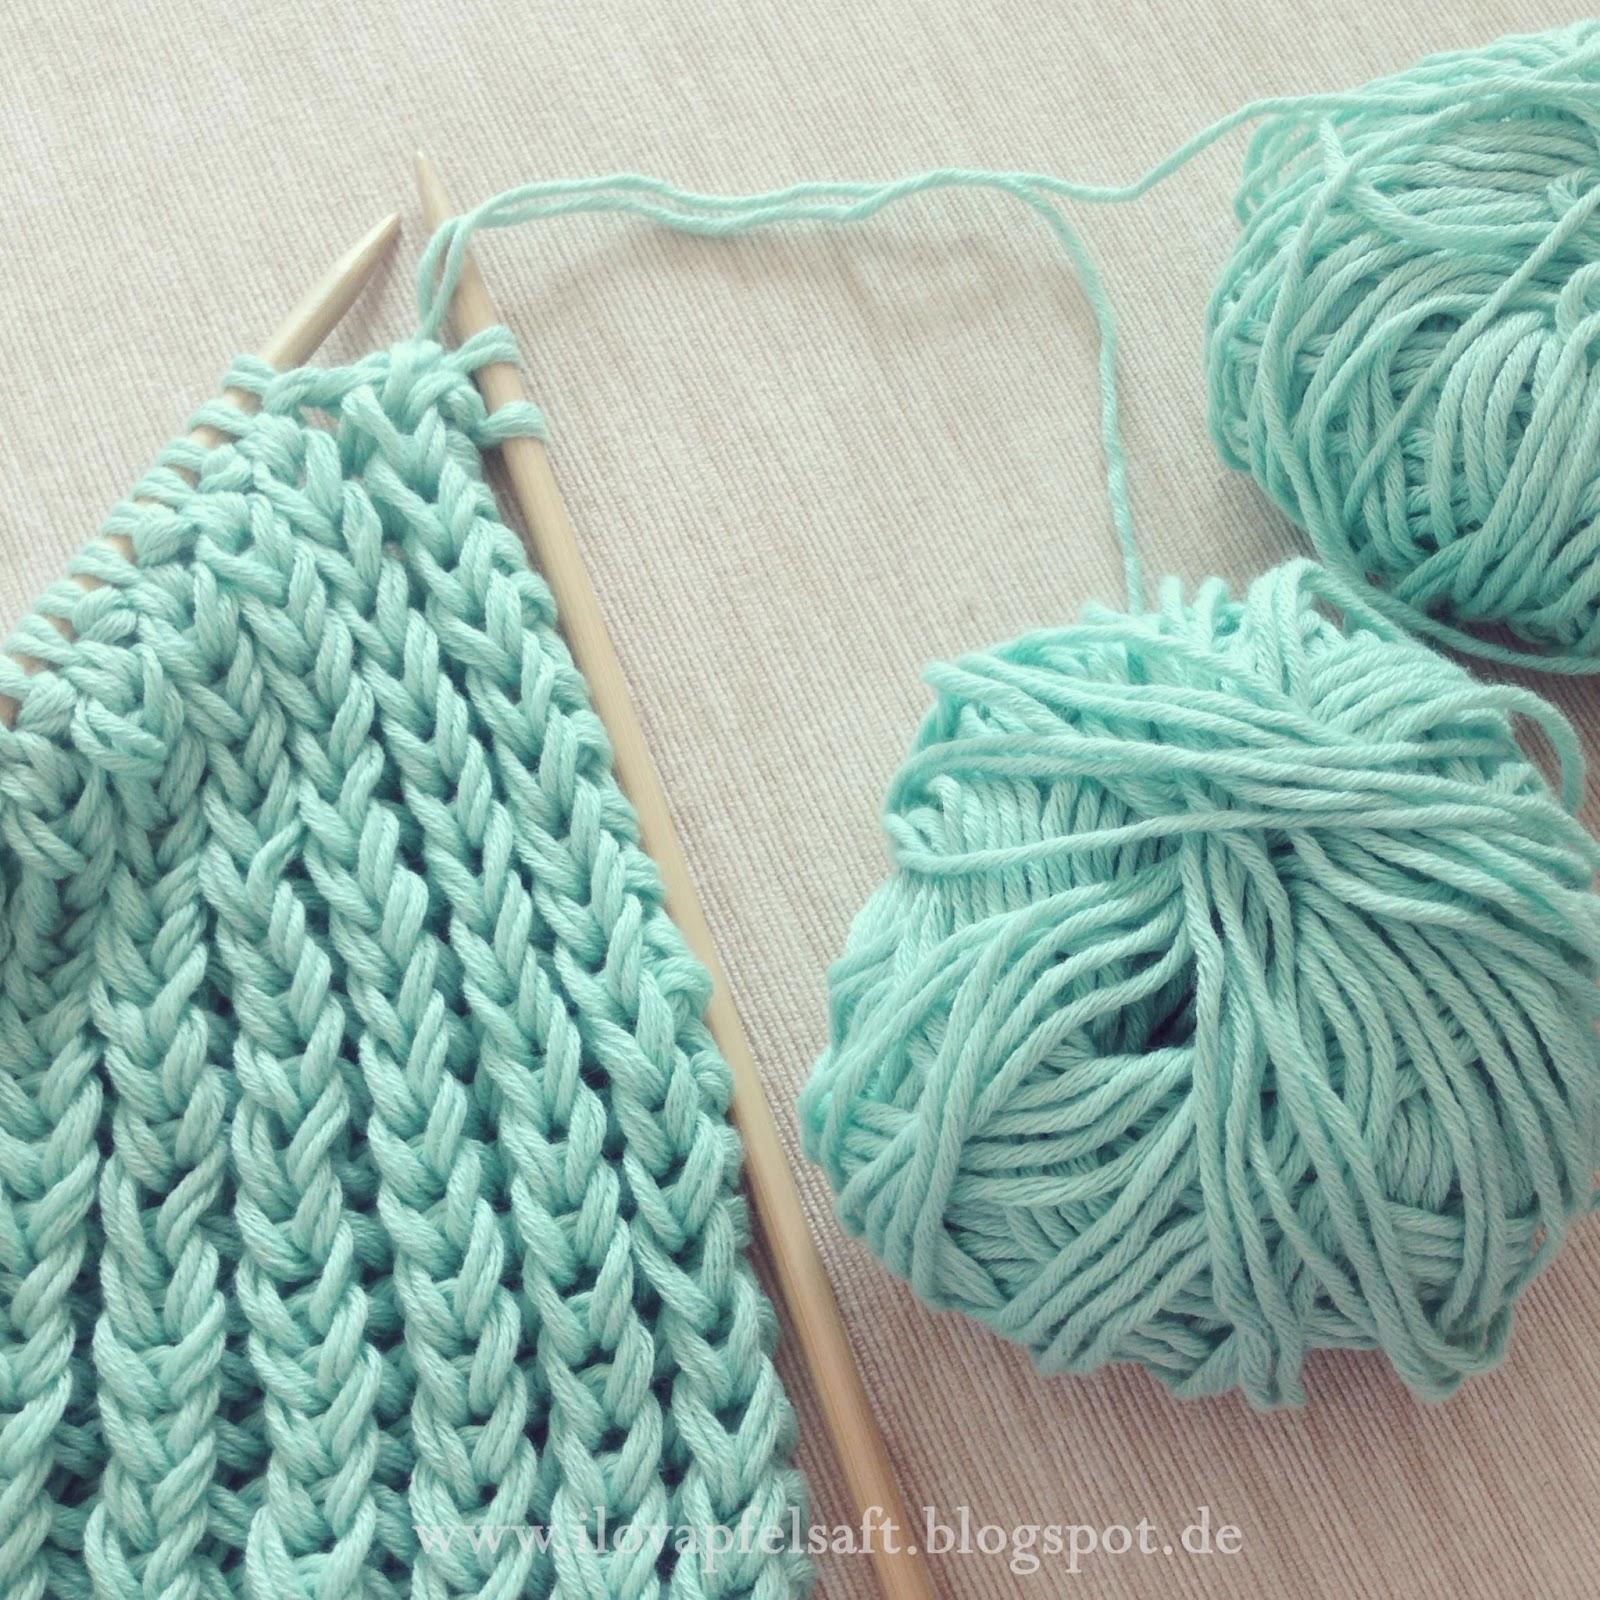 Ilovapfelsaft: Brioche (Fisherman's Rib) Knitting Pattern